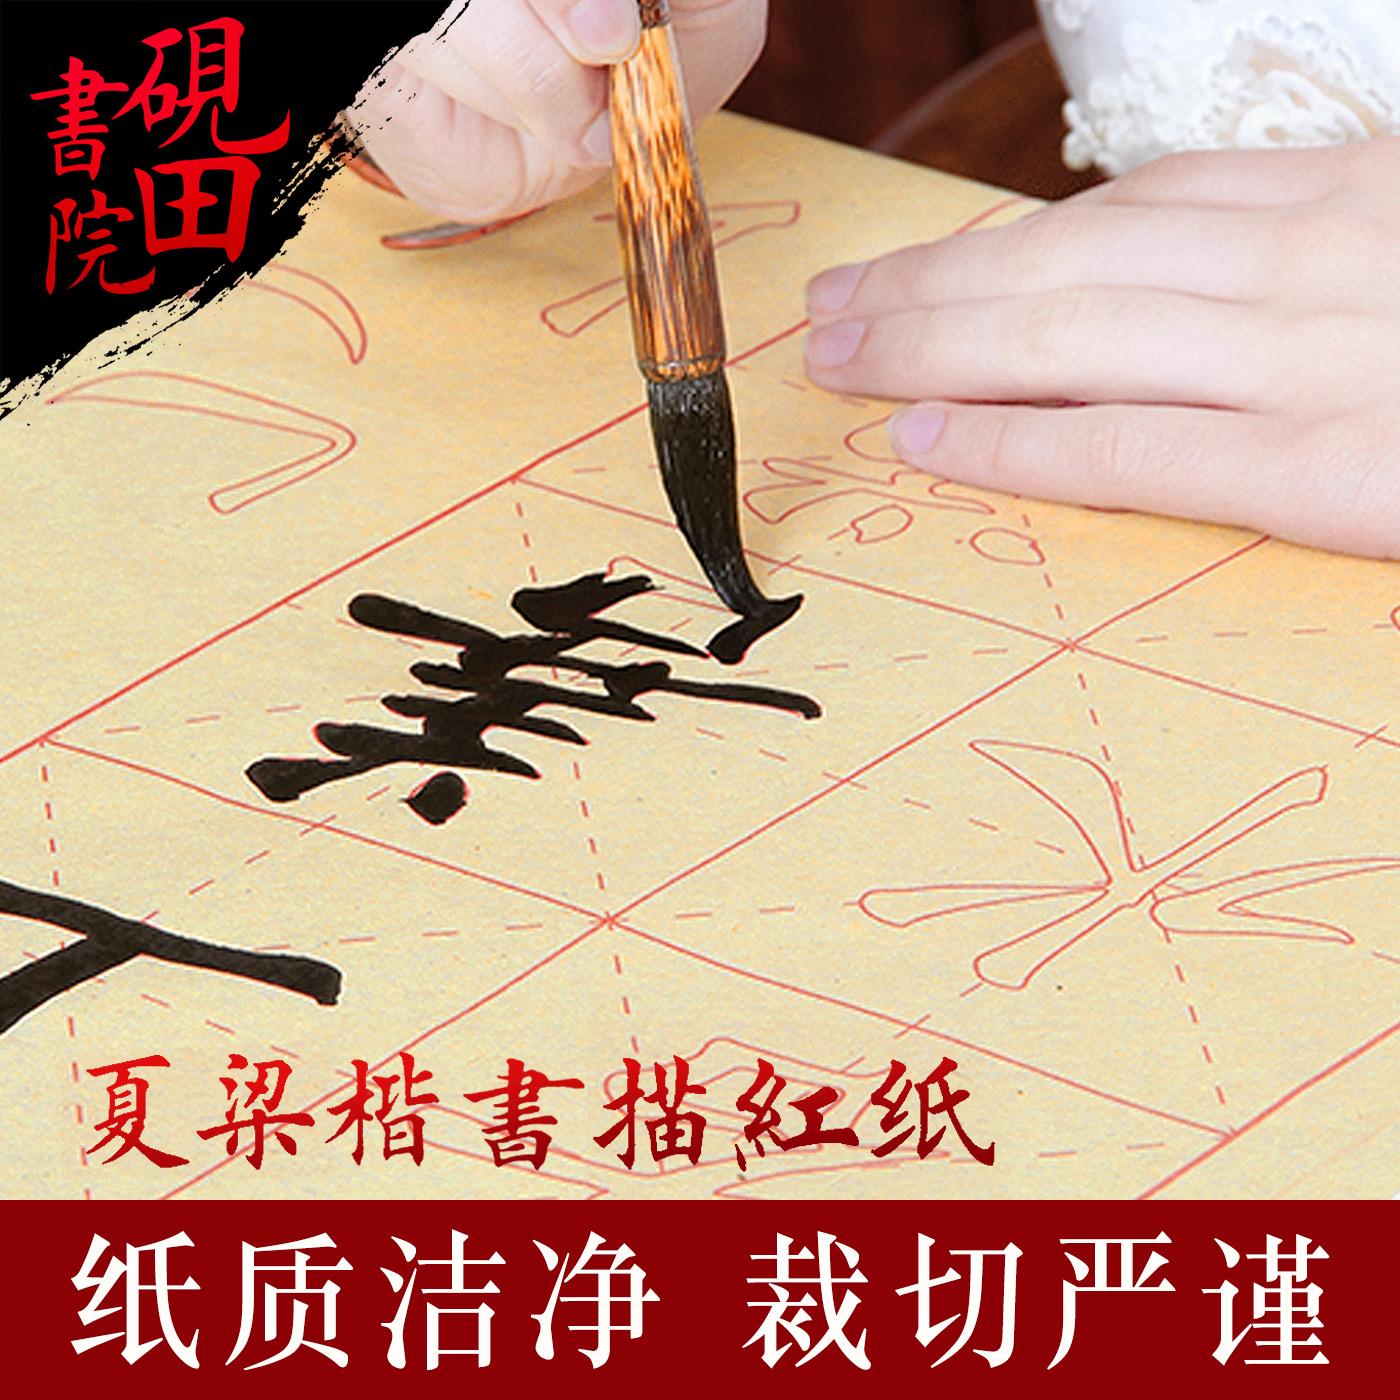 砚田 书院 书法 毛笔 描红 字帖 欧体 中楷 成人 临摹 毛边纸 初学者 练习